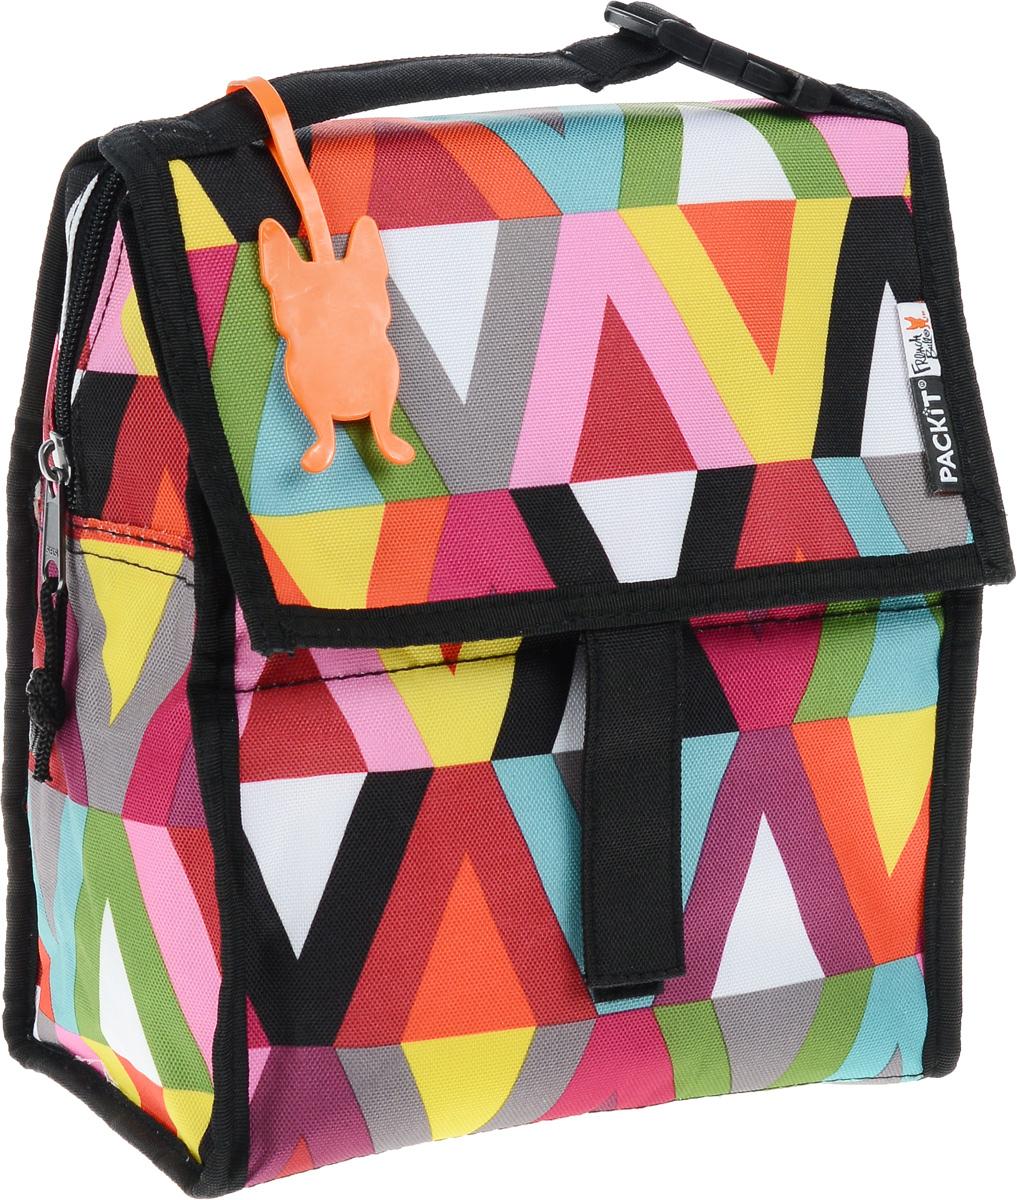 Сумка-холодильник Packit Lunch Bag, складная, цвет: черный, розовый, зеленый, 4,5 л. 00079103500790Сумка-холодильник Packit Lunch Bag предназначена для транспортировки и хранения продуктов и напитков. Охлаждает продукты как холодильник. Сумка изготовлена из ПВХ, BPA-Free (без содержания бисфенол А), внутренняя поверхность - из специального термоизоляционного материала, который надежно удерживает холод внутри. Для удобной переноски сумка снабжена ручкой с пластиковой защелкой. Сумка-холодильник закрывается на застежку-молнию, клапаном и фиксируется липучками. Сохраняет температуру до 10 часов. Размер сумки (в разложенном виде): 21 х 13,5 х 24 см.Размер сумки (в сложенном виде): 21 х 6 х 13 см.